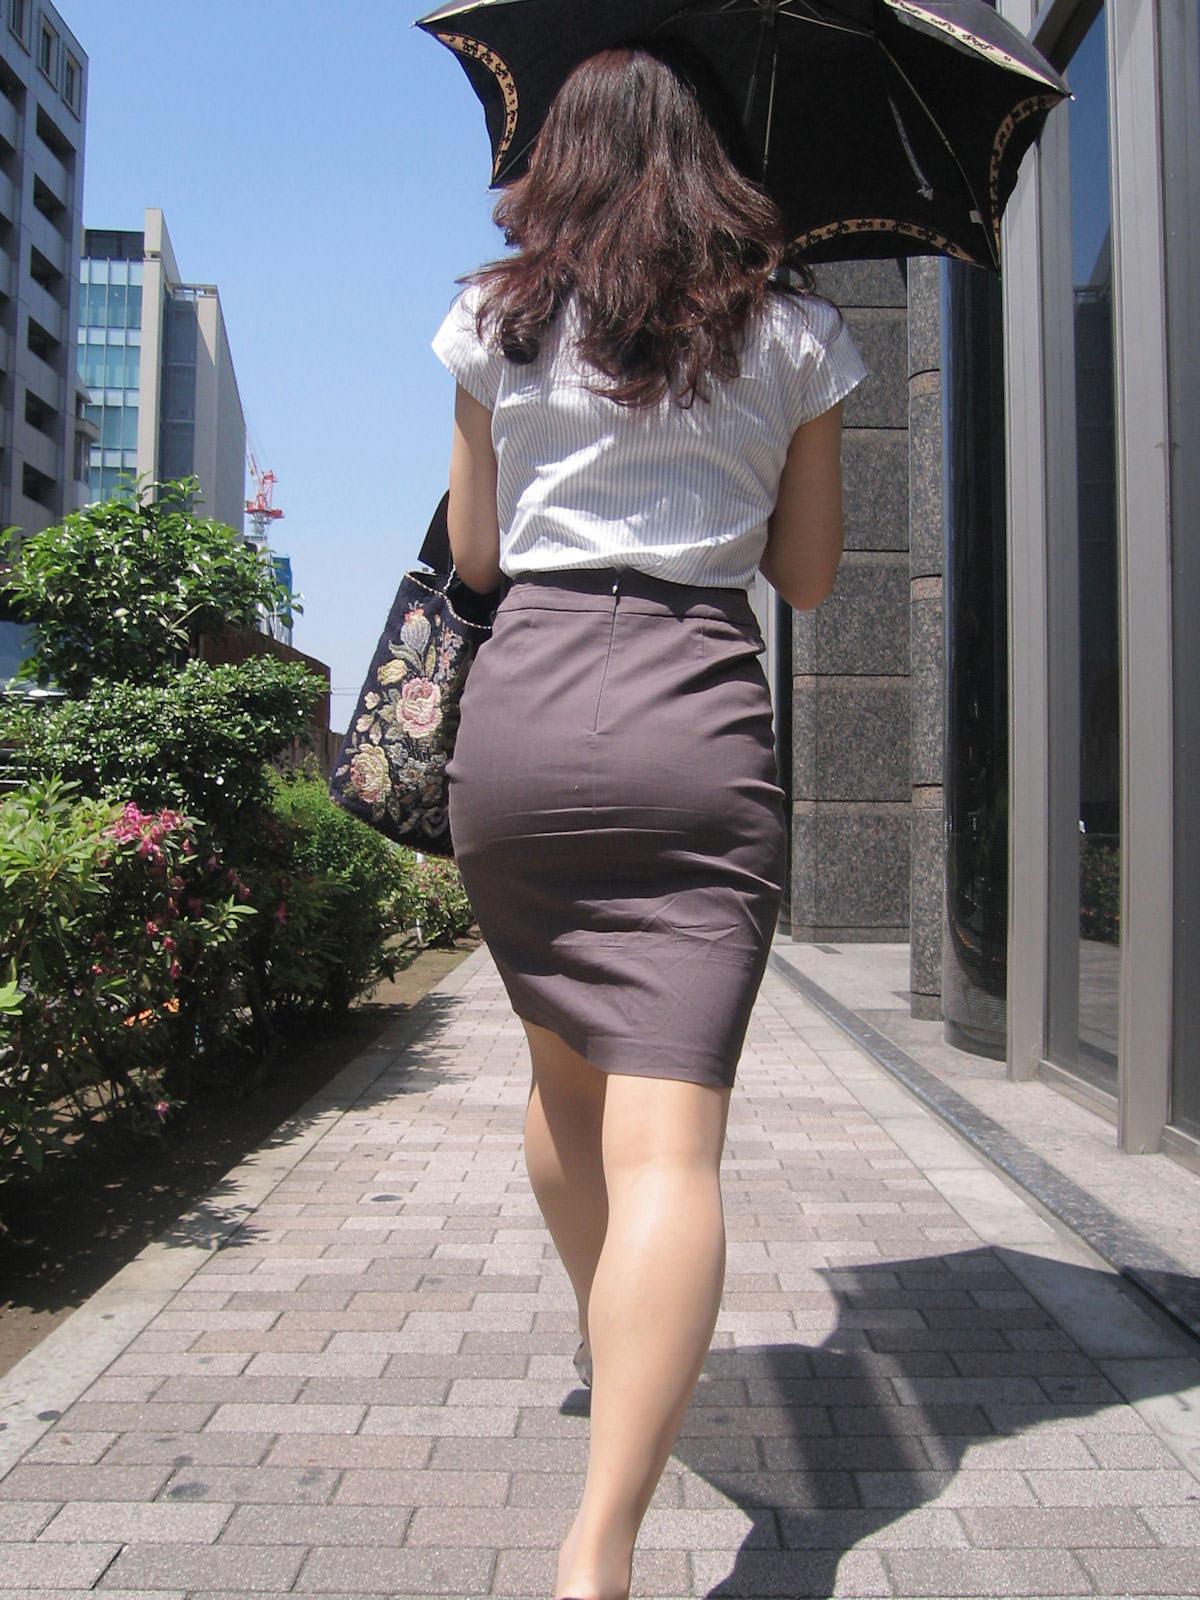 制服着たOLの街撮りお姉さま画像だけで抜く奴www 2406